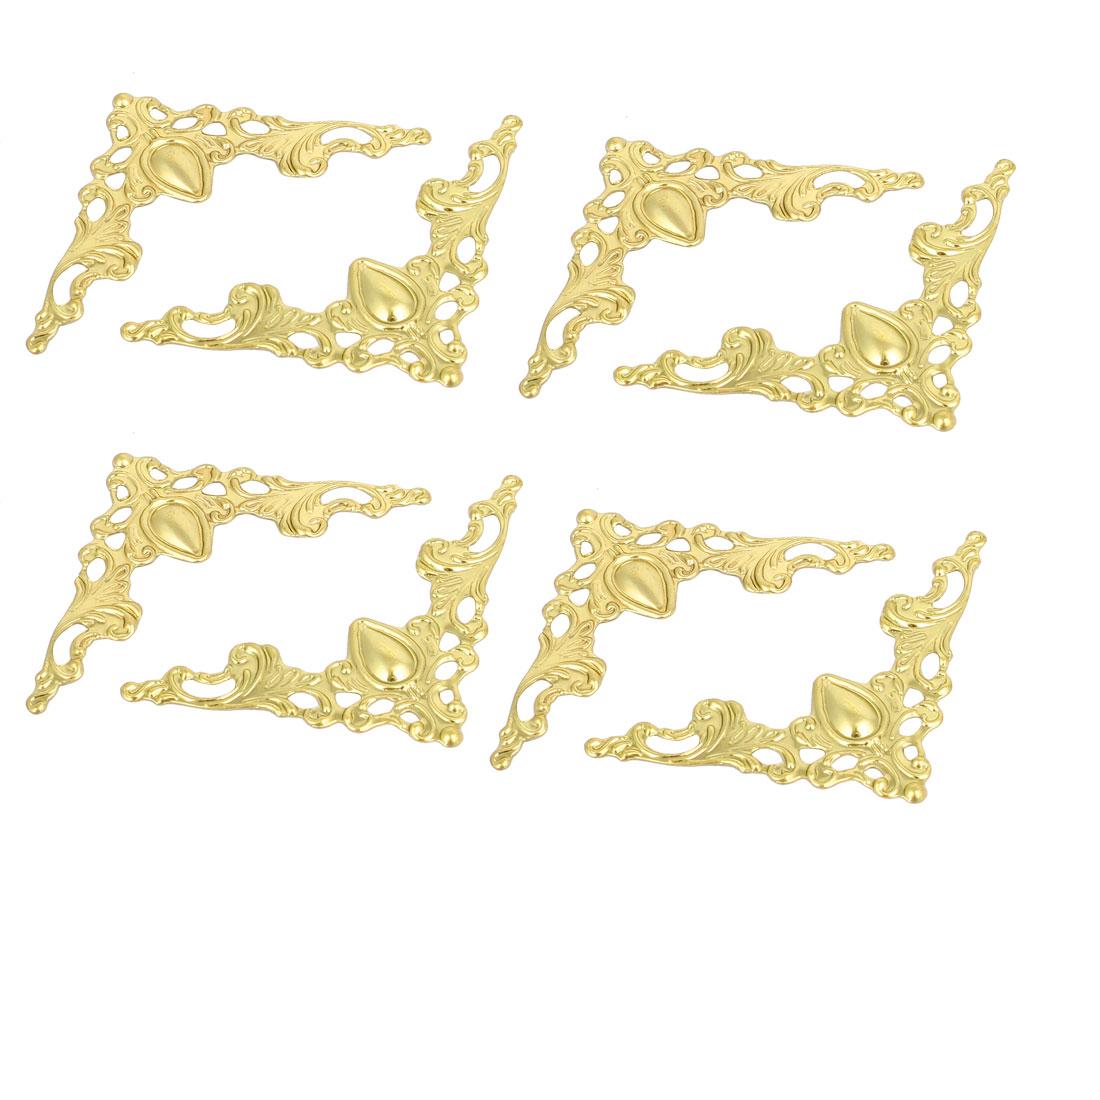 Box Book Scrapbook Album Iron Corner Protectors Guards Gold Tone 41x41x1mm 8pcs